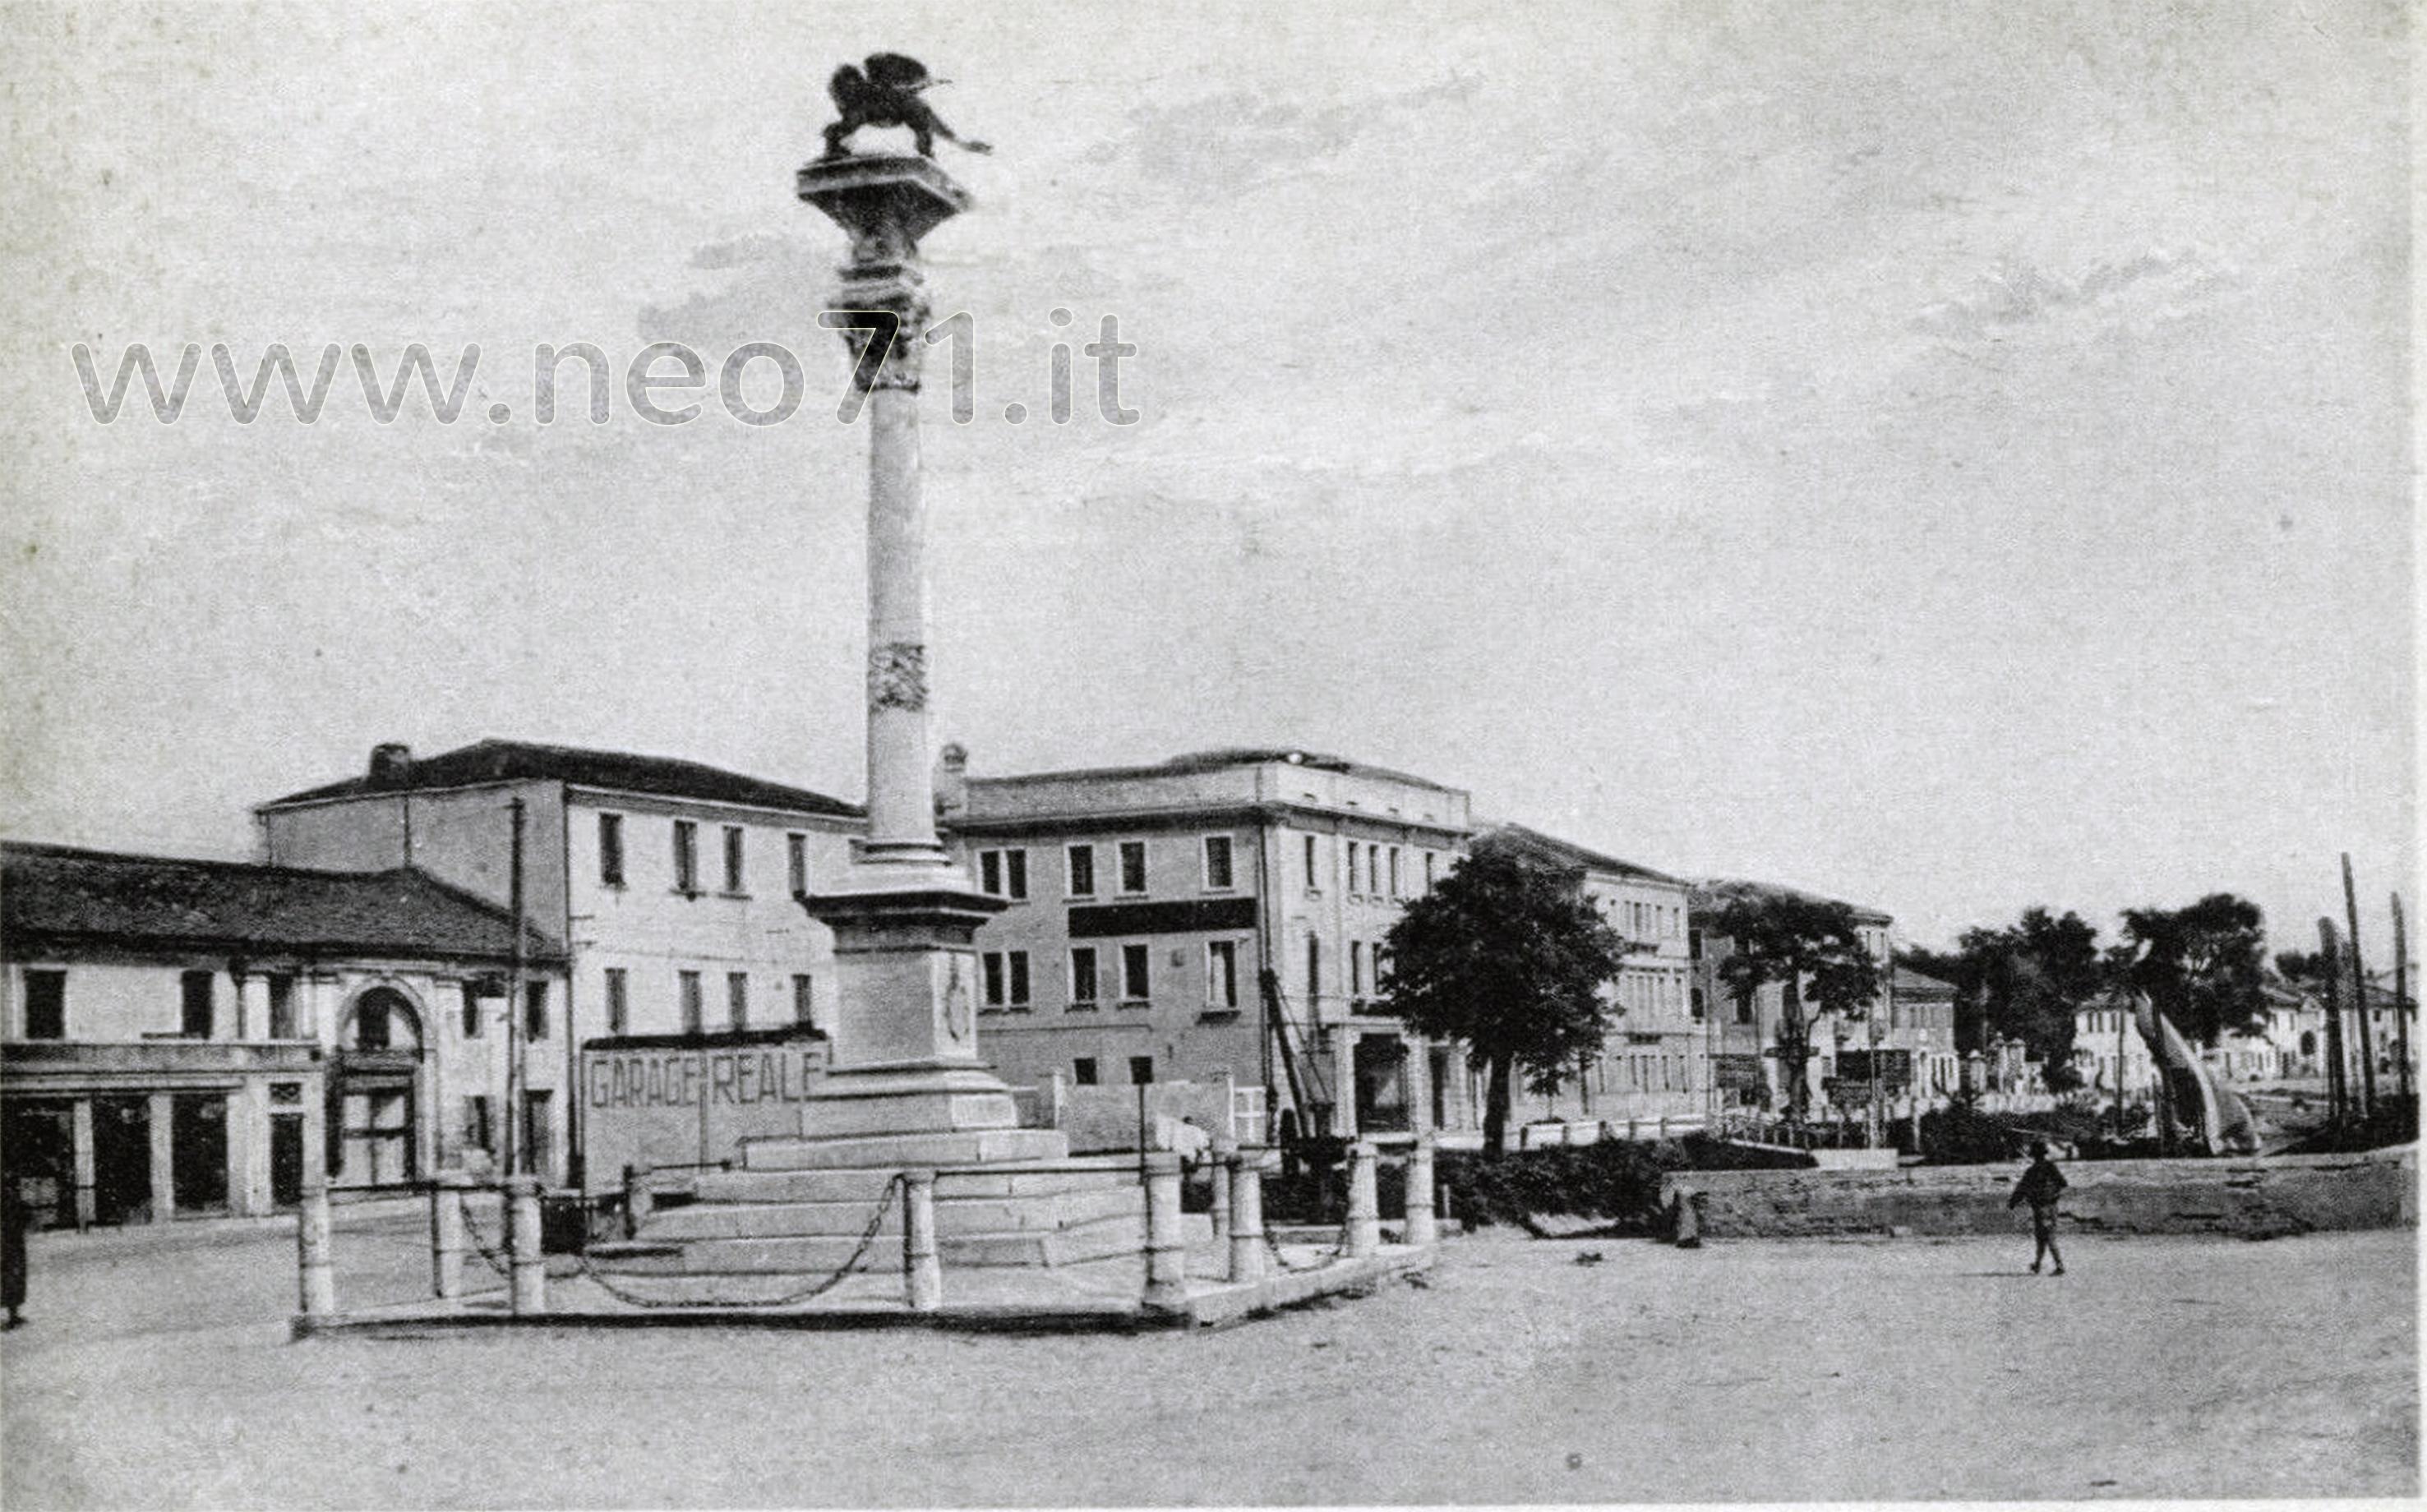 Piazza XXVII ottobre - Mestre